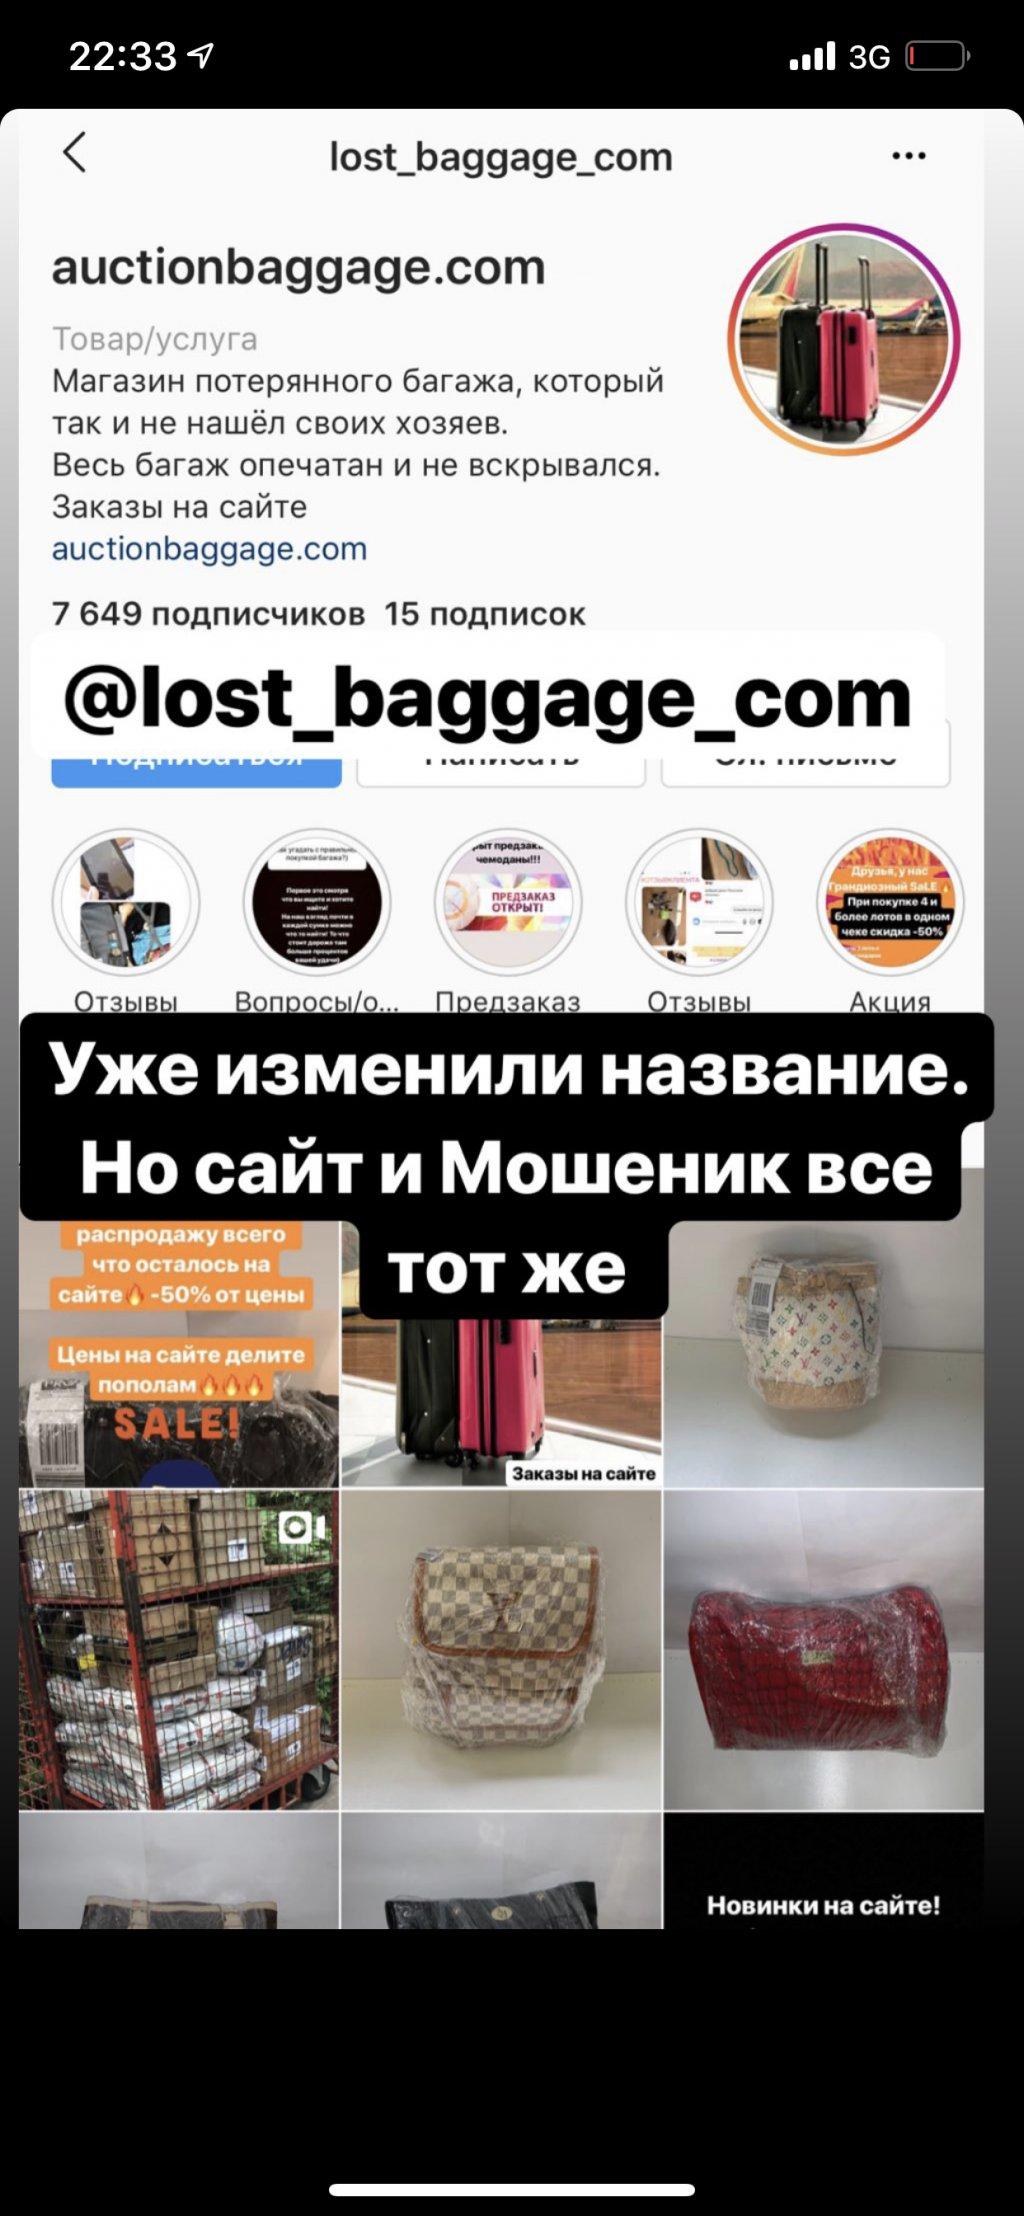 Магазин потерянного багажа auctionbaggage.com - Мошенники -auctionbaggagecom